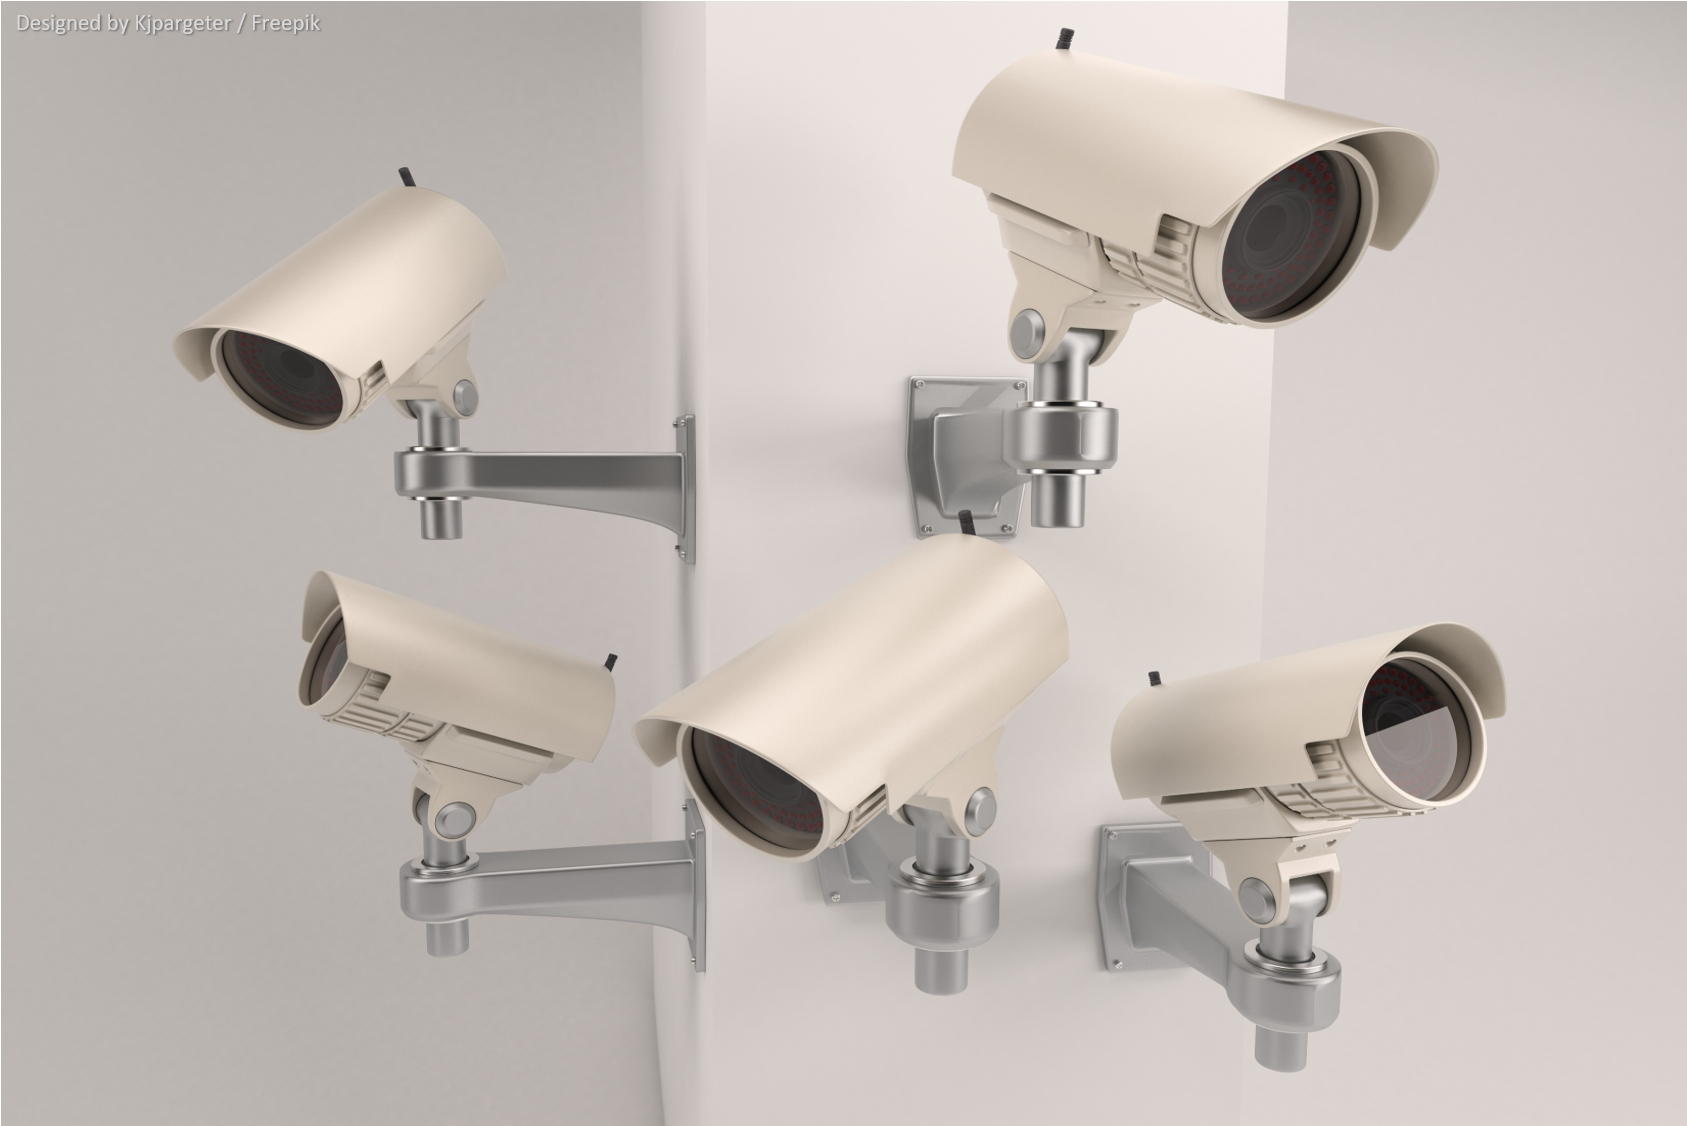 Câmaras de segurança - Circuito Fechado de Televisão